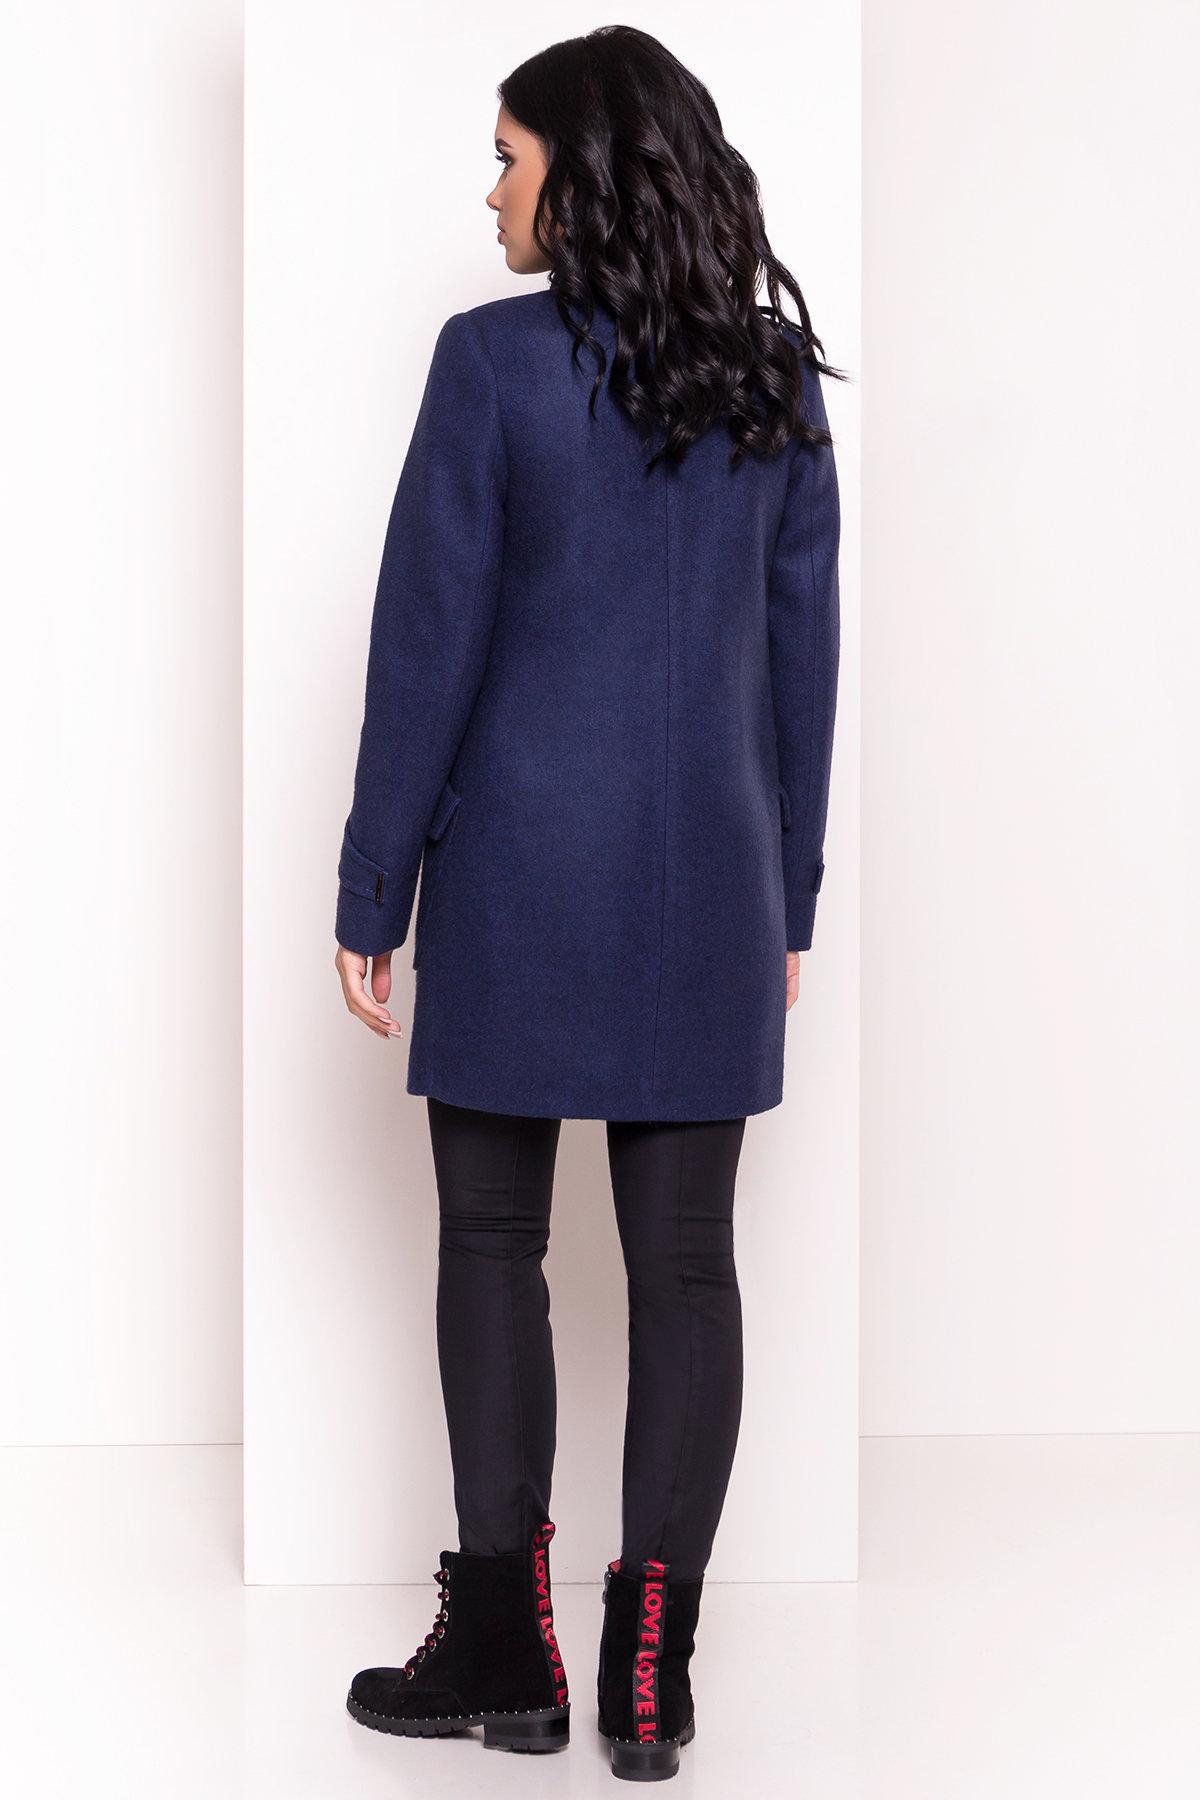 Демисезонное пальто с воротником стойка Эста 5417 АРТ. 36787 Цвет: Темно-синий 17 - фото 3, интернет магазин tm-modus.ru